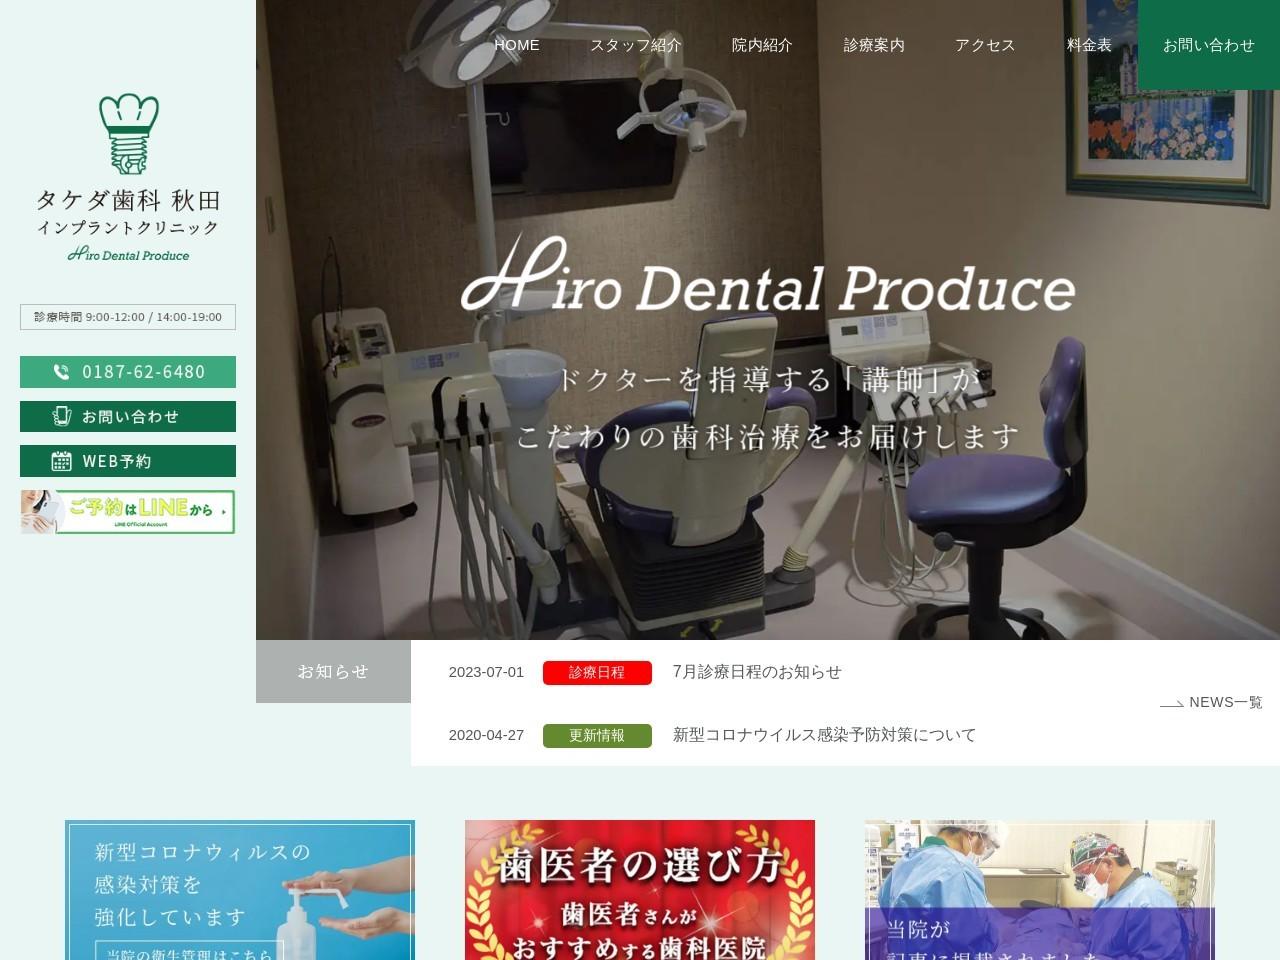 医療法人ヒロ・デンタル・プロデュース  あいのの歯科クリニック (秋田県横手市)